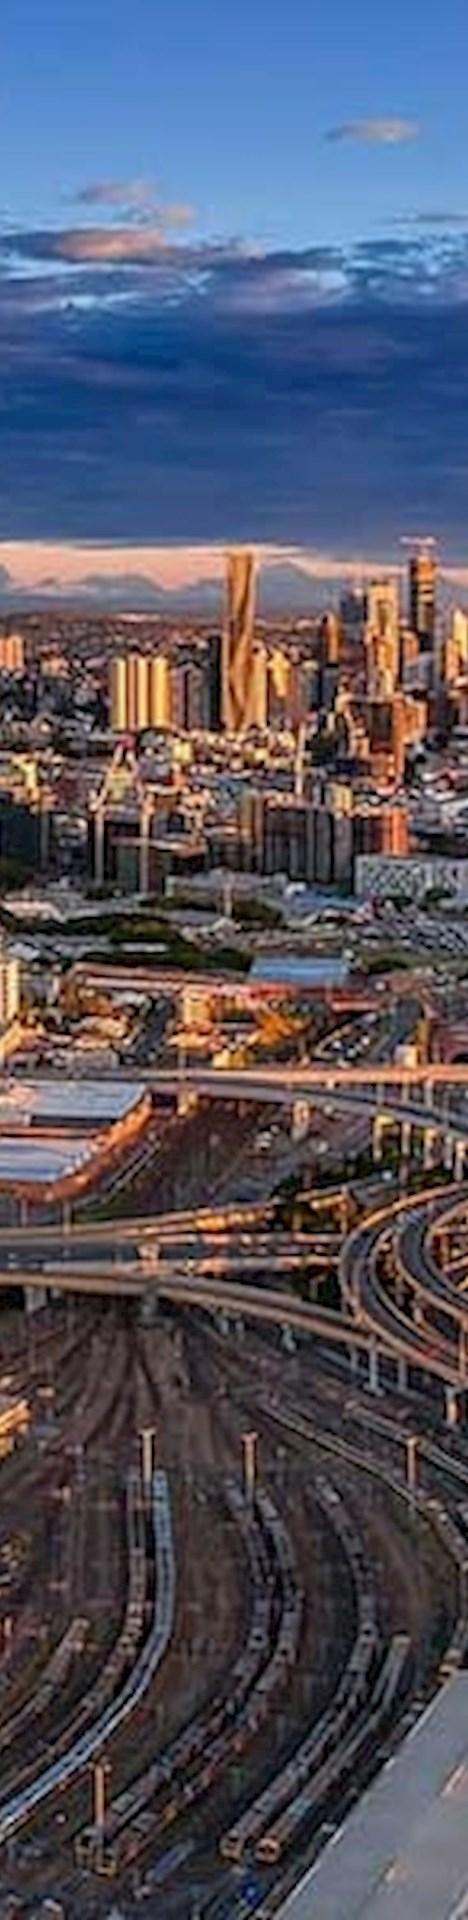 Brisbane Australia from the air